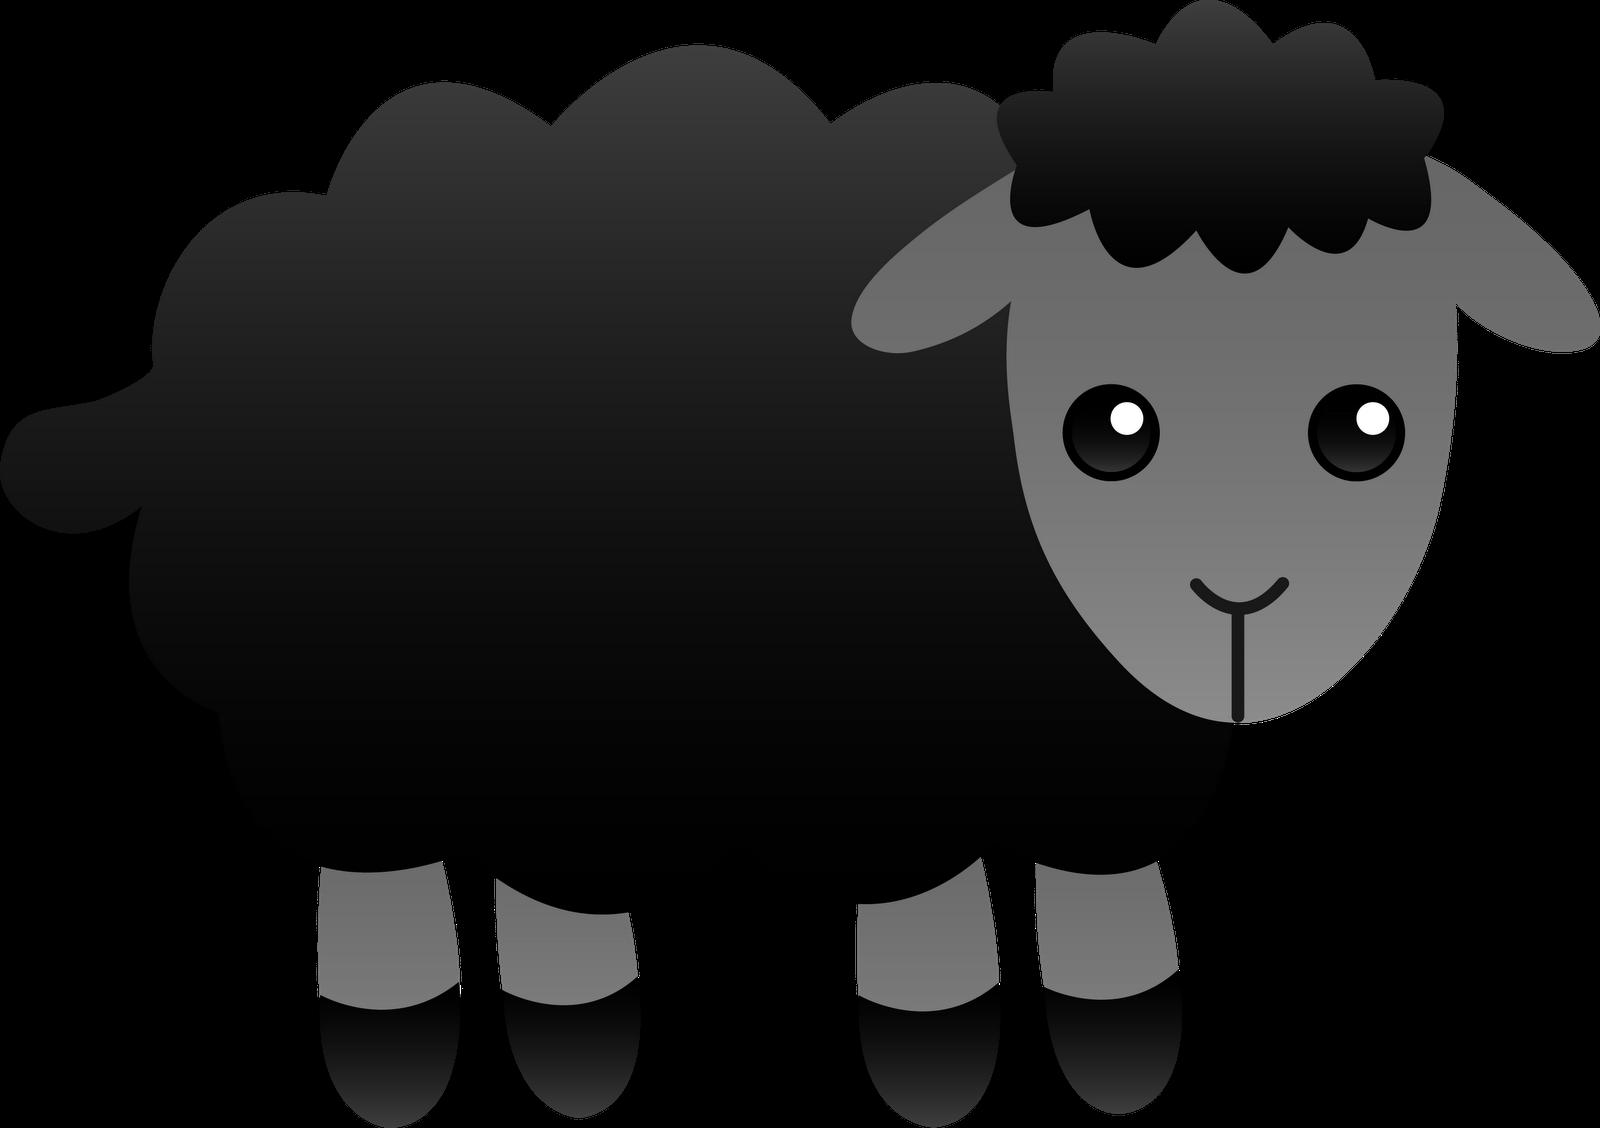 black sheep clipart jumping